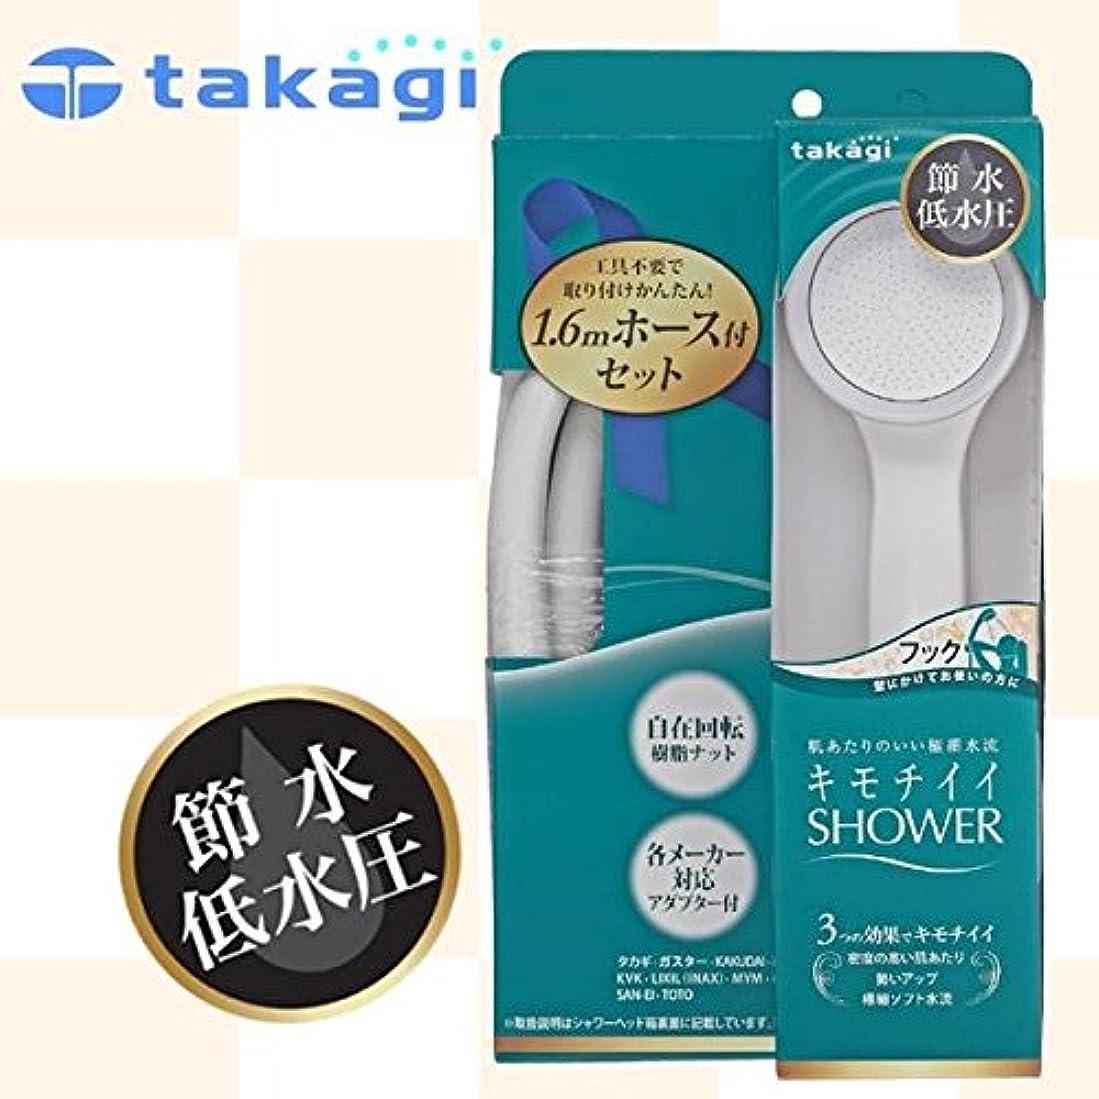 振動させる確かなオッズtakagi タカギ 浴室用シャワーヘッド キモチイイシャワーホースセットWT フックタイプ【同梱?代引不可】